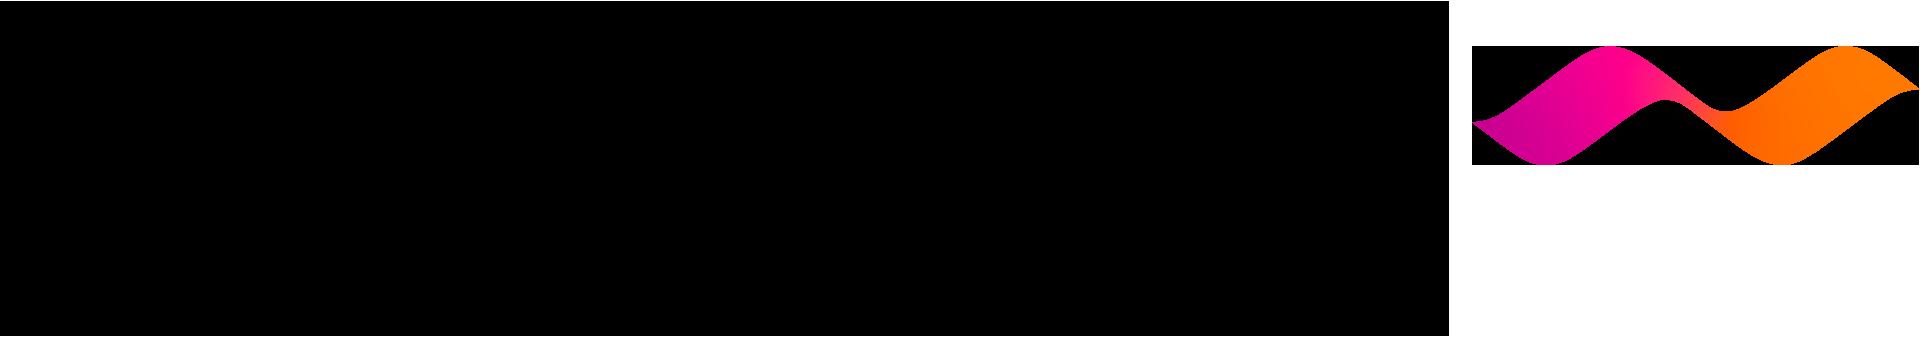 Liquidnet-Logo-FullColor.png